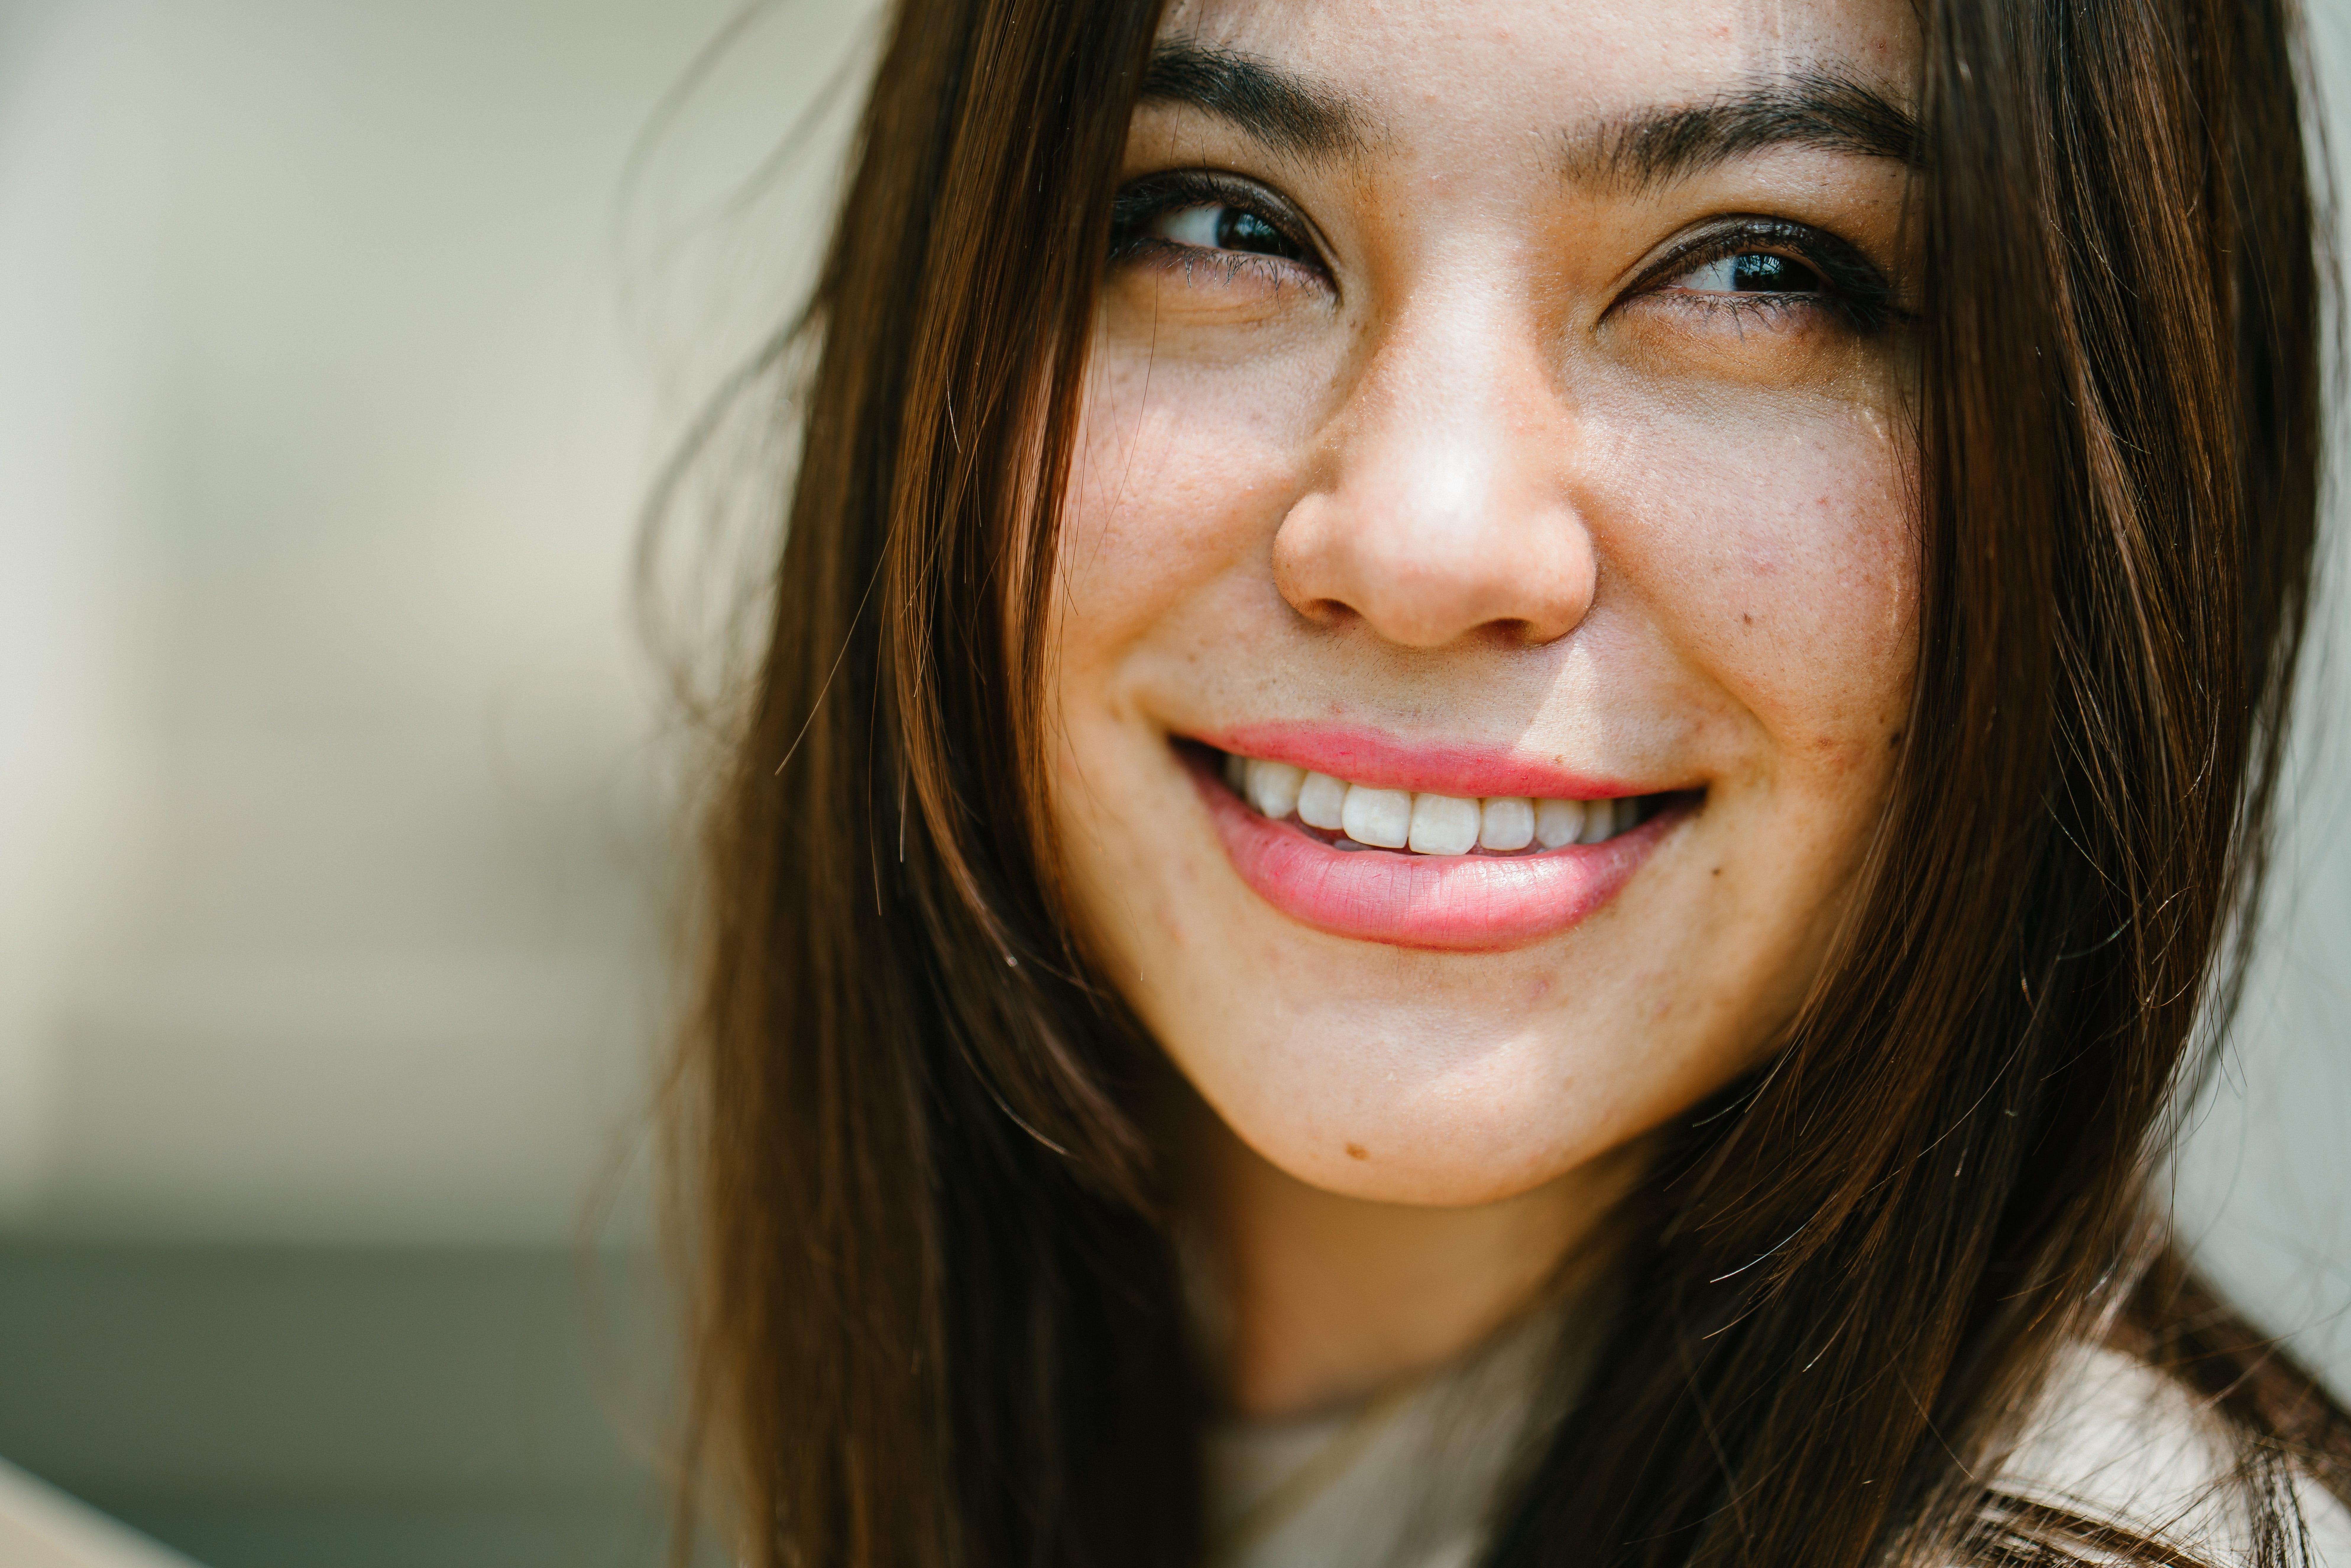 Smiling Woman Wearing White Top